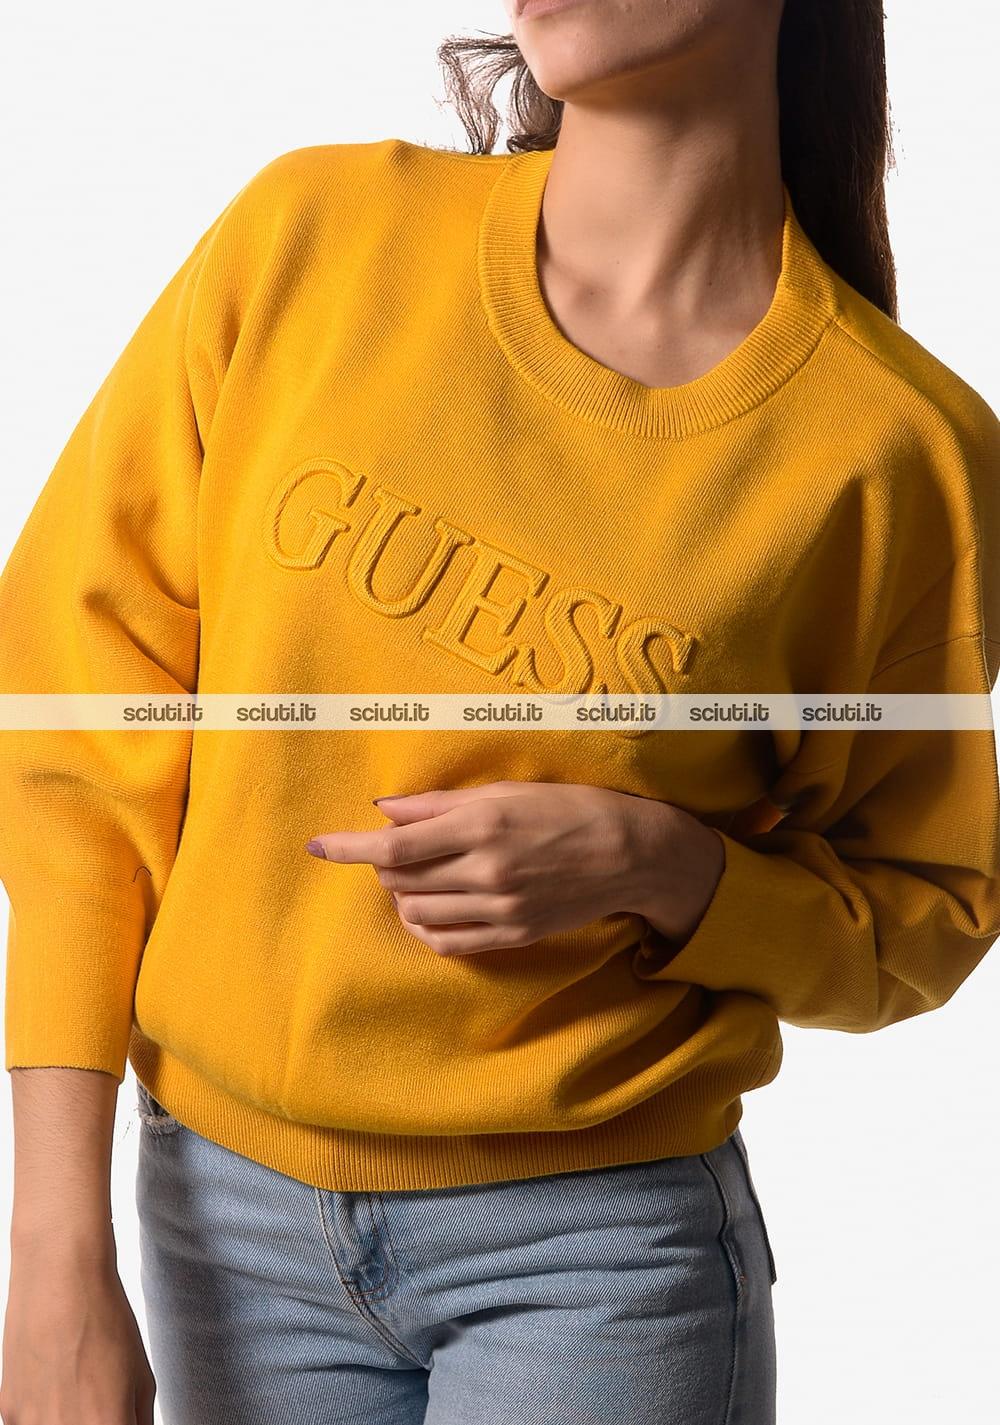 Maglia crop Guess donna logo in rilievo giallo | Sciuti it